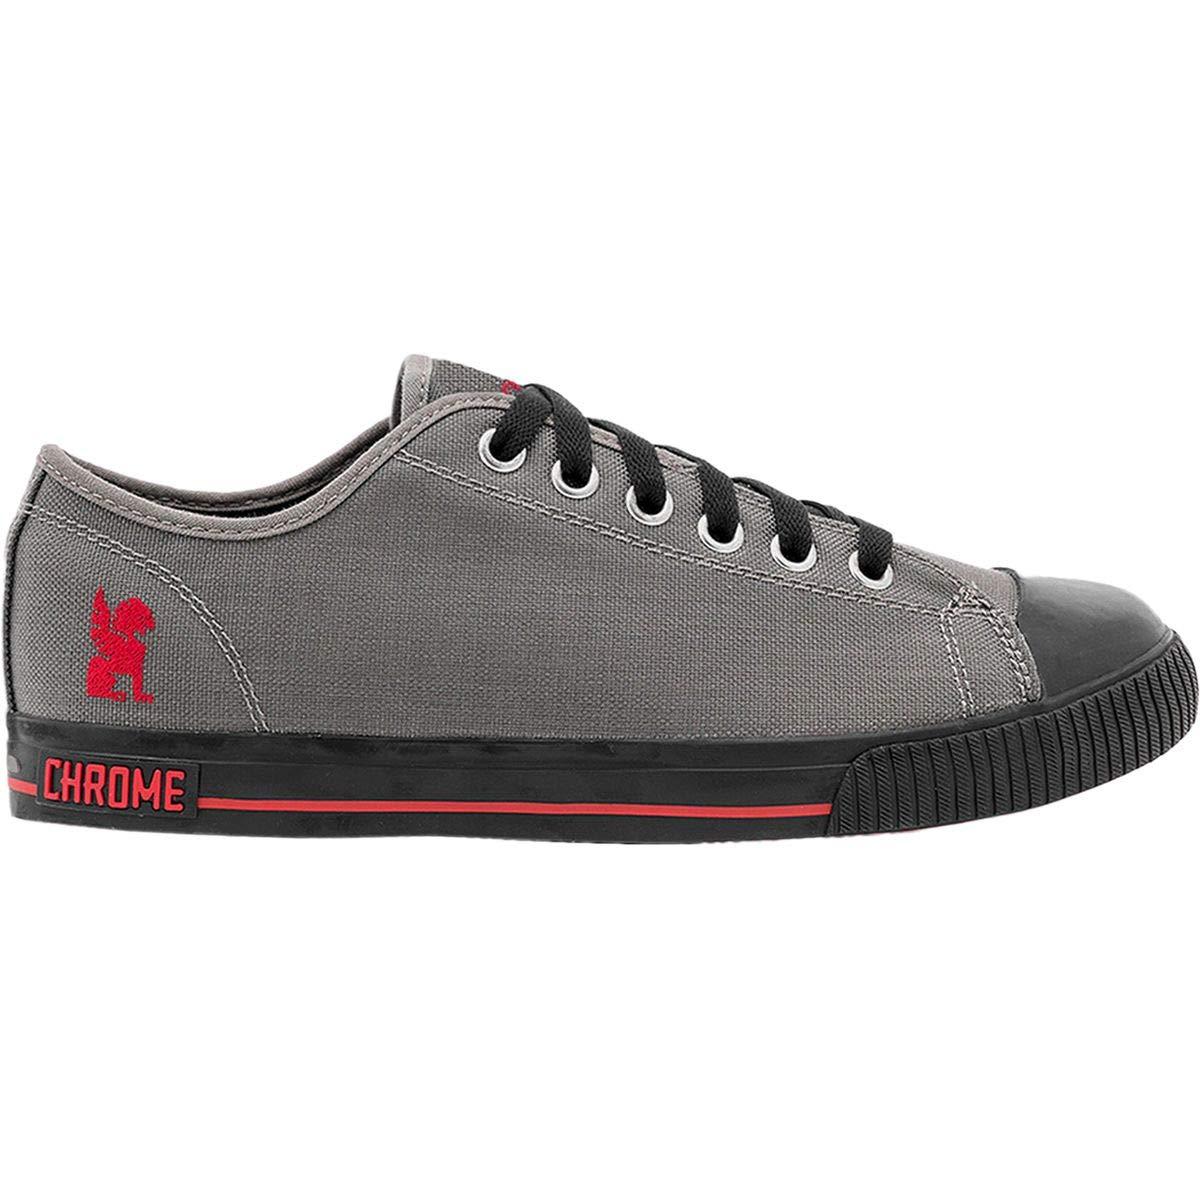 超激安 (クローム) 日本サイズ Chrome Kursk Shoes B07GFLV91G メンズ Shoes ロードバイクシューズGrey [並行輸入品] 日本サイズ 24cm (5.5) Grey B07GFLV91G, オーパーツ:96e3a6b1 --- by.specpricep.ru